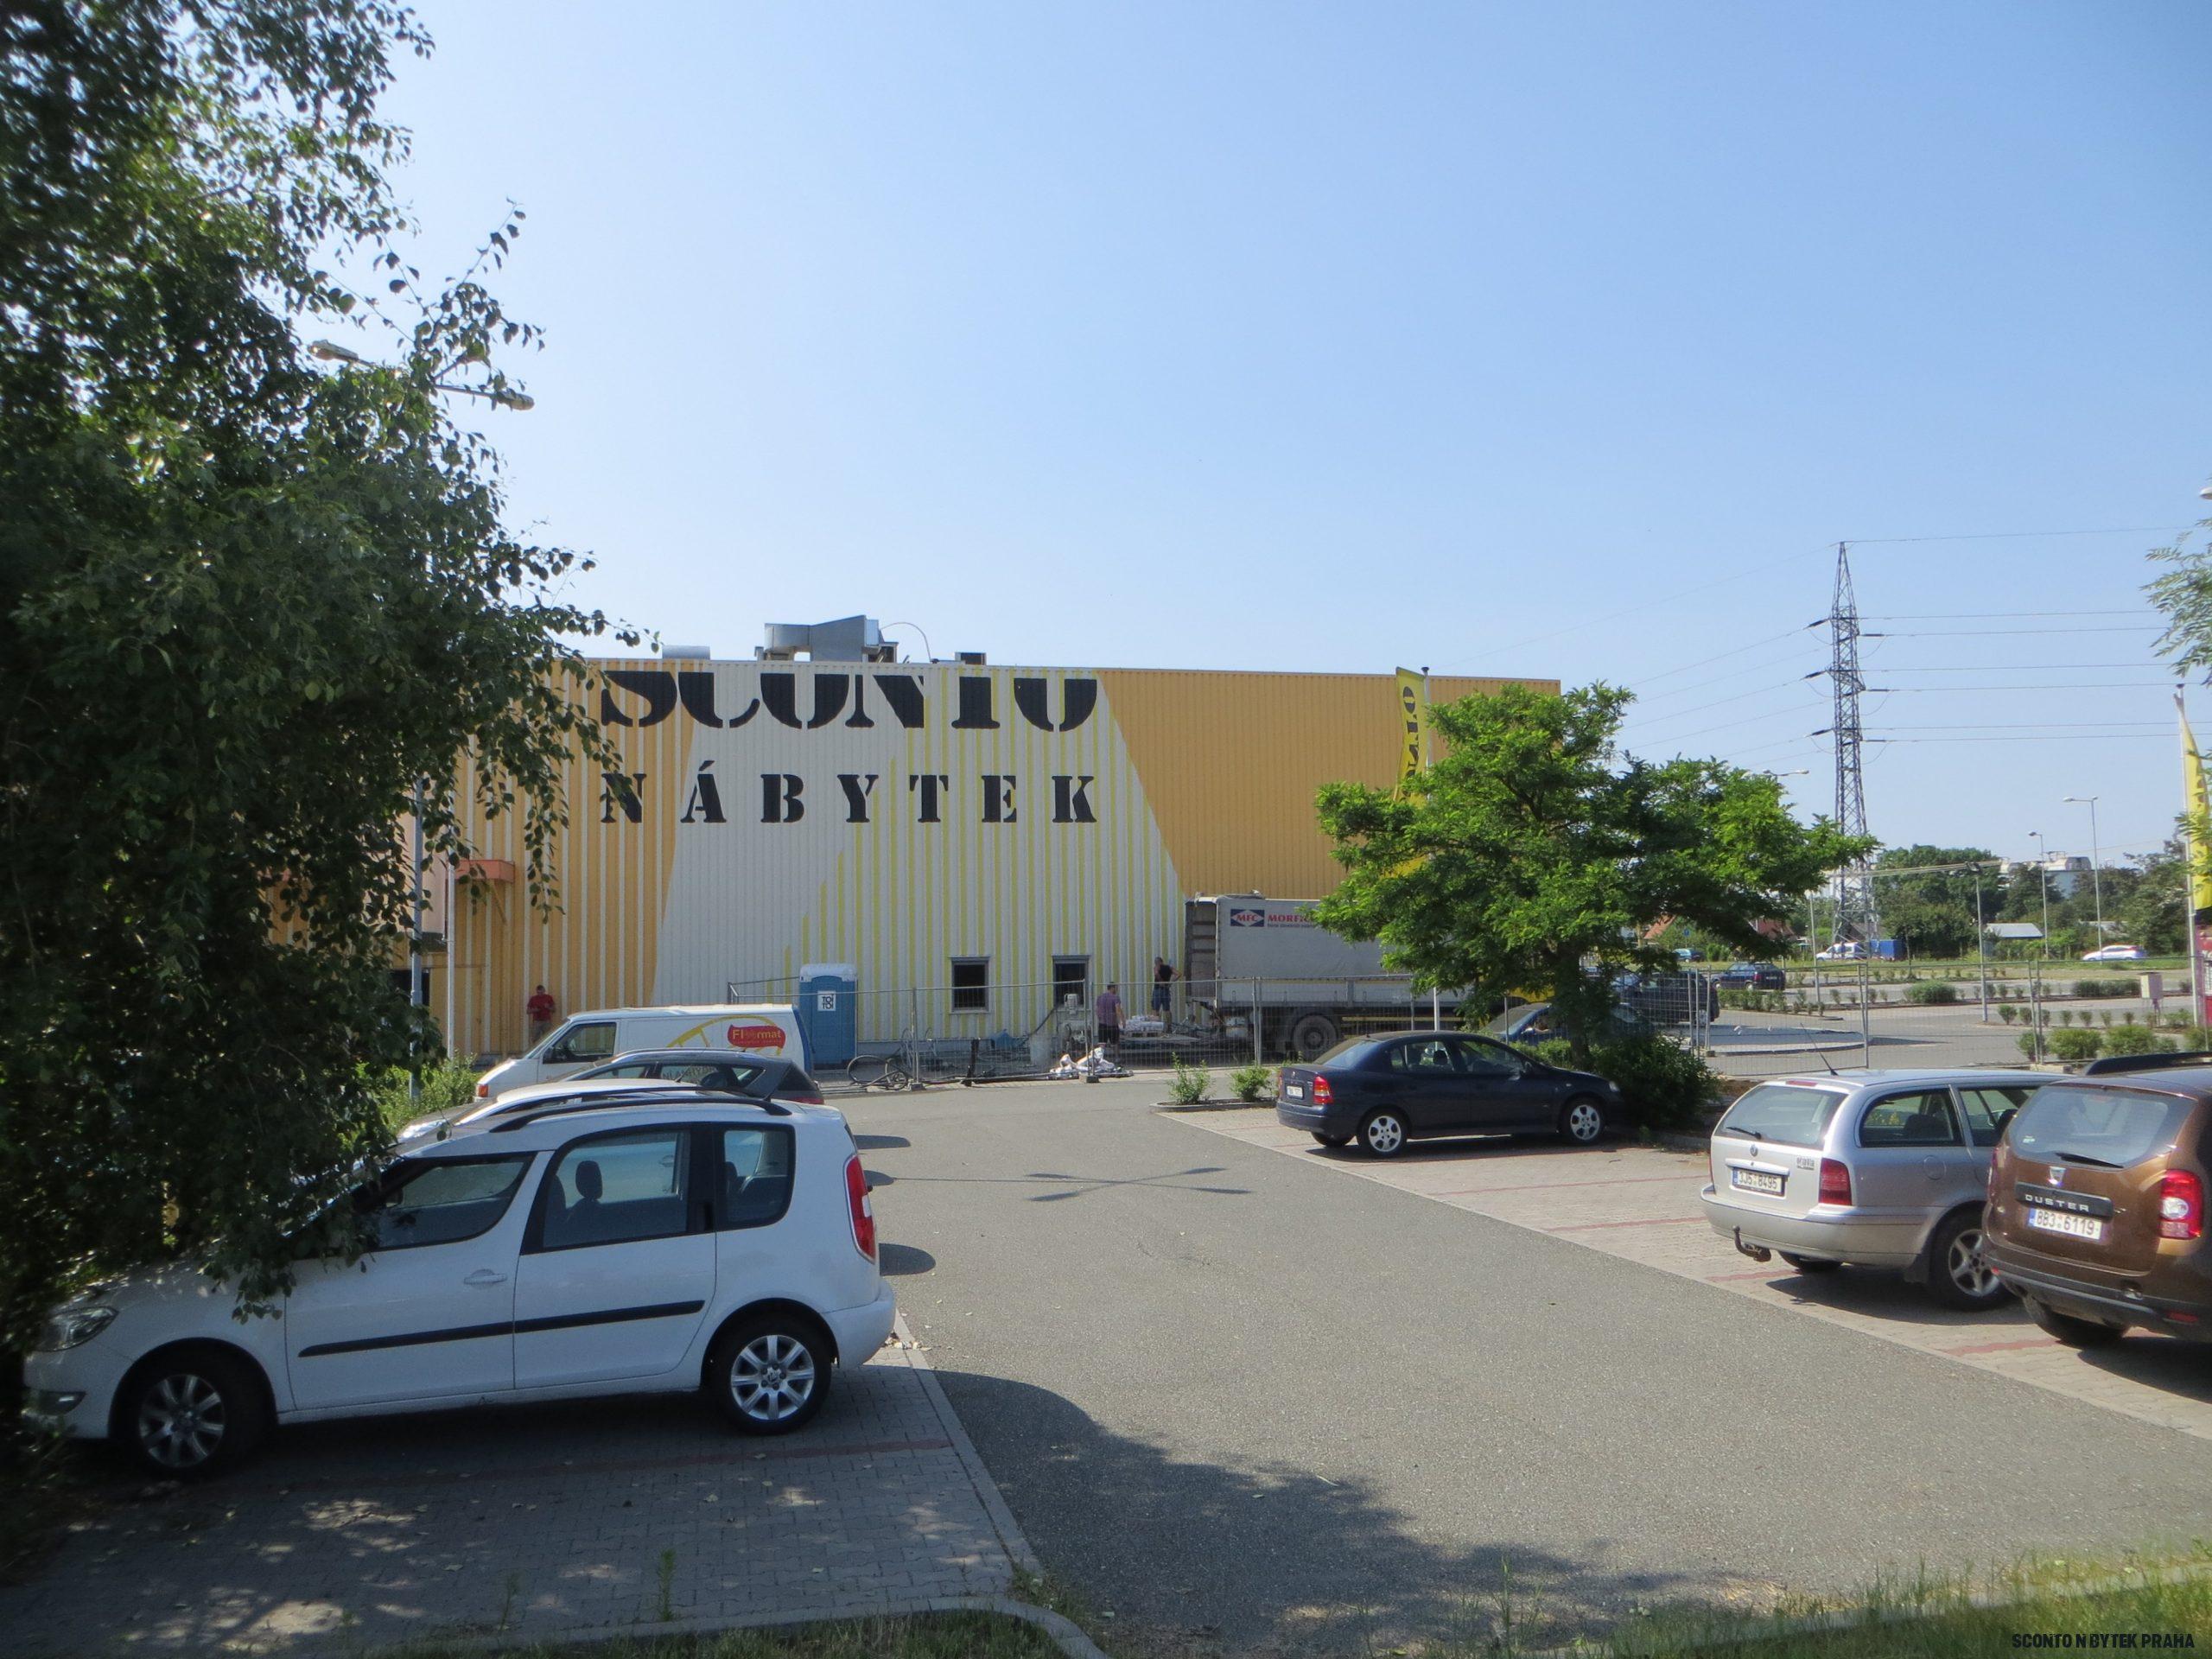 SCONTO NÁBYTEK  MFC - Flooring